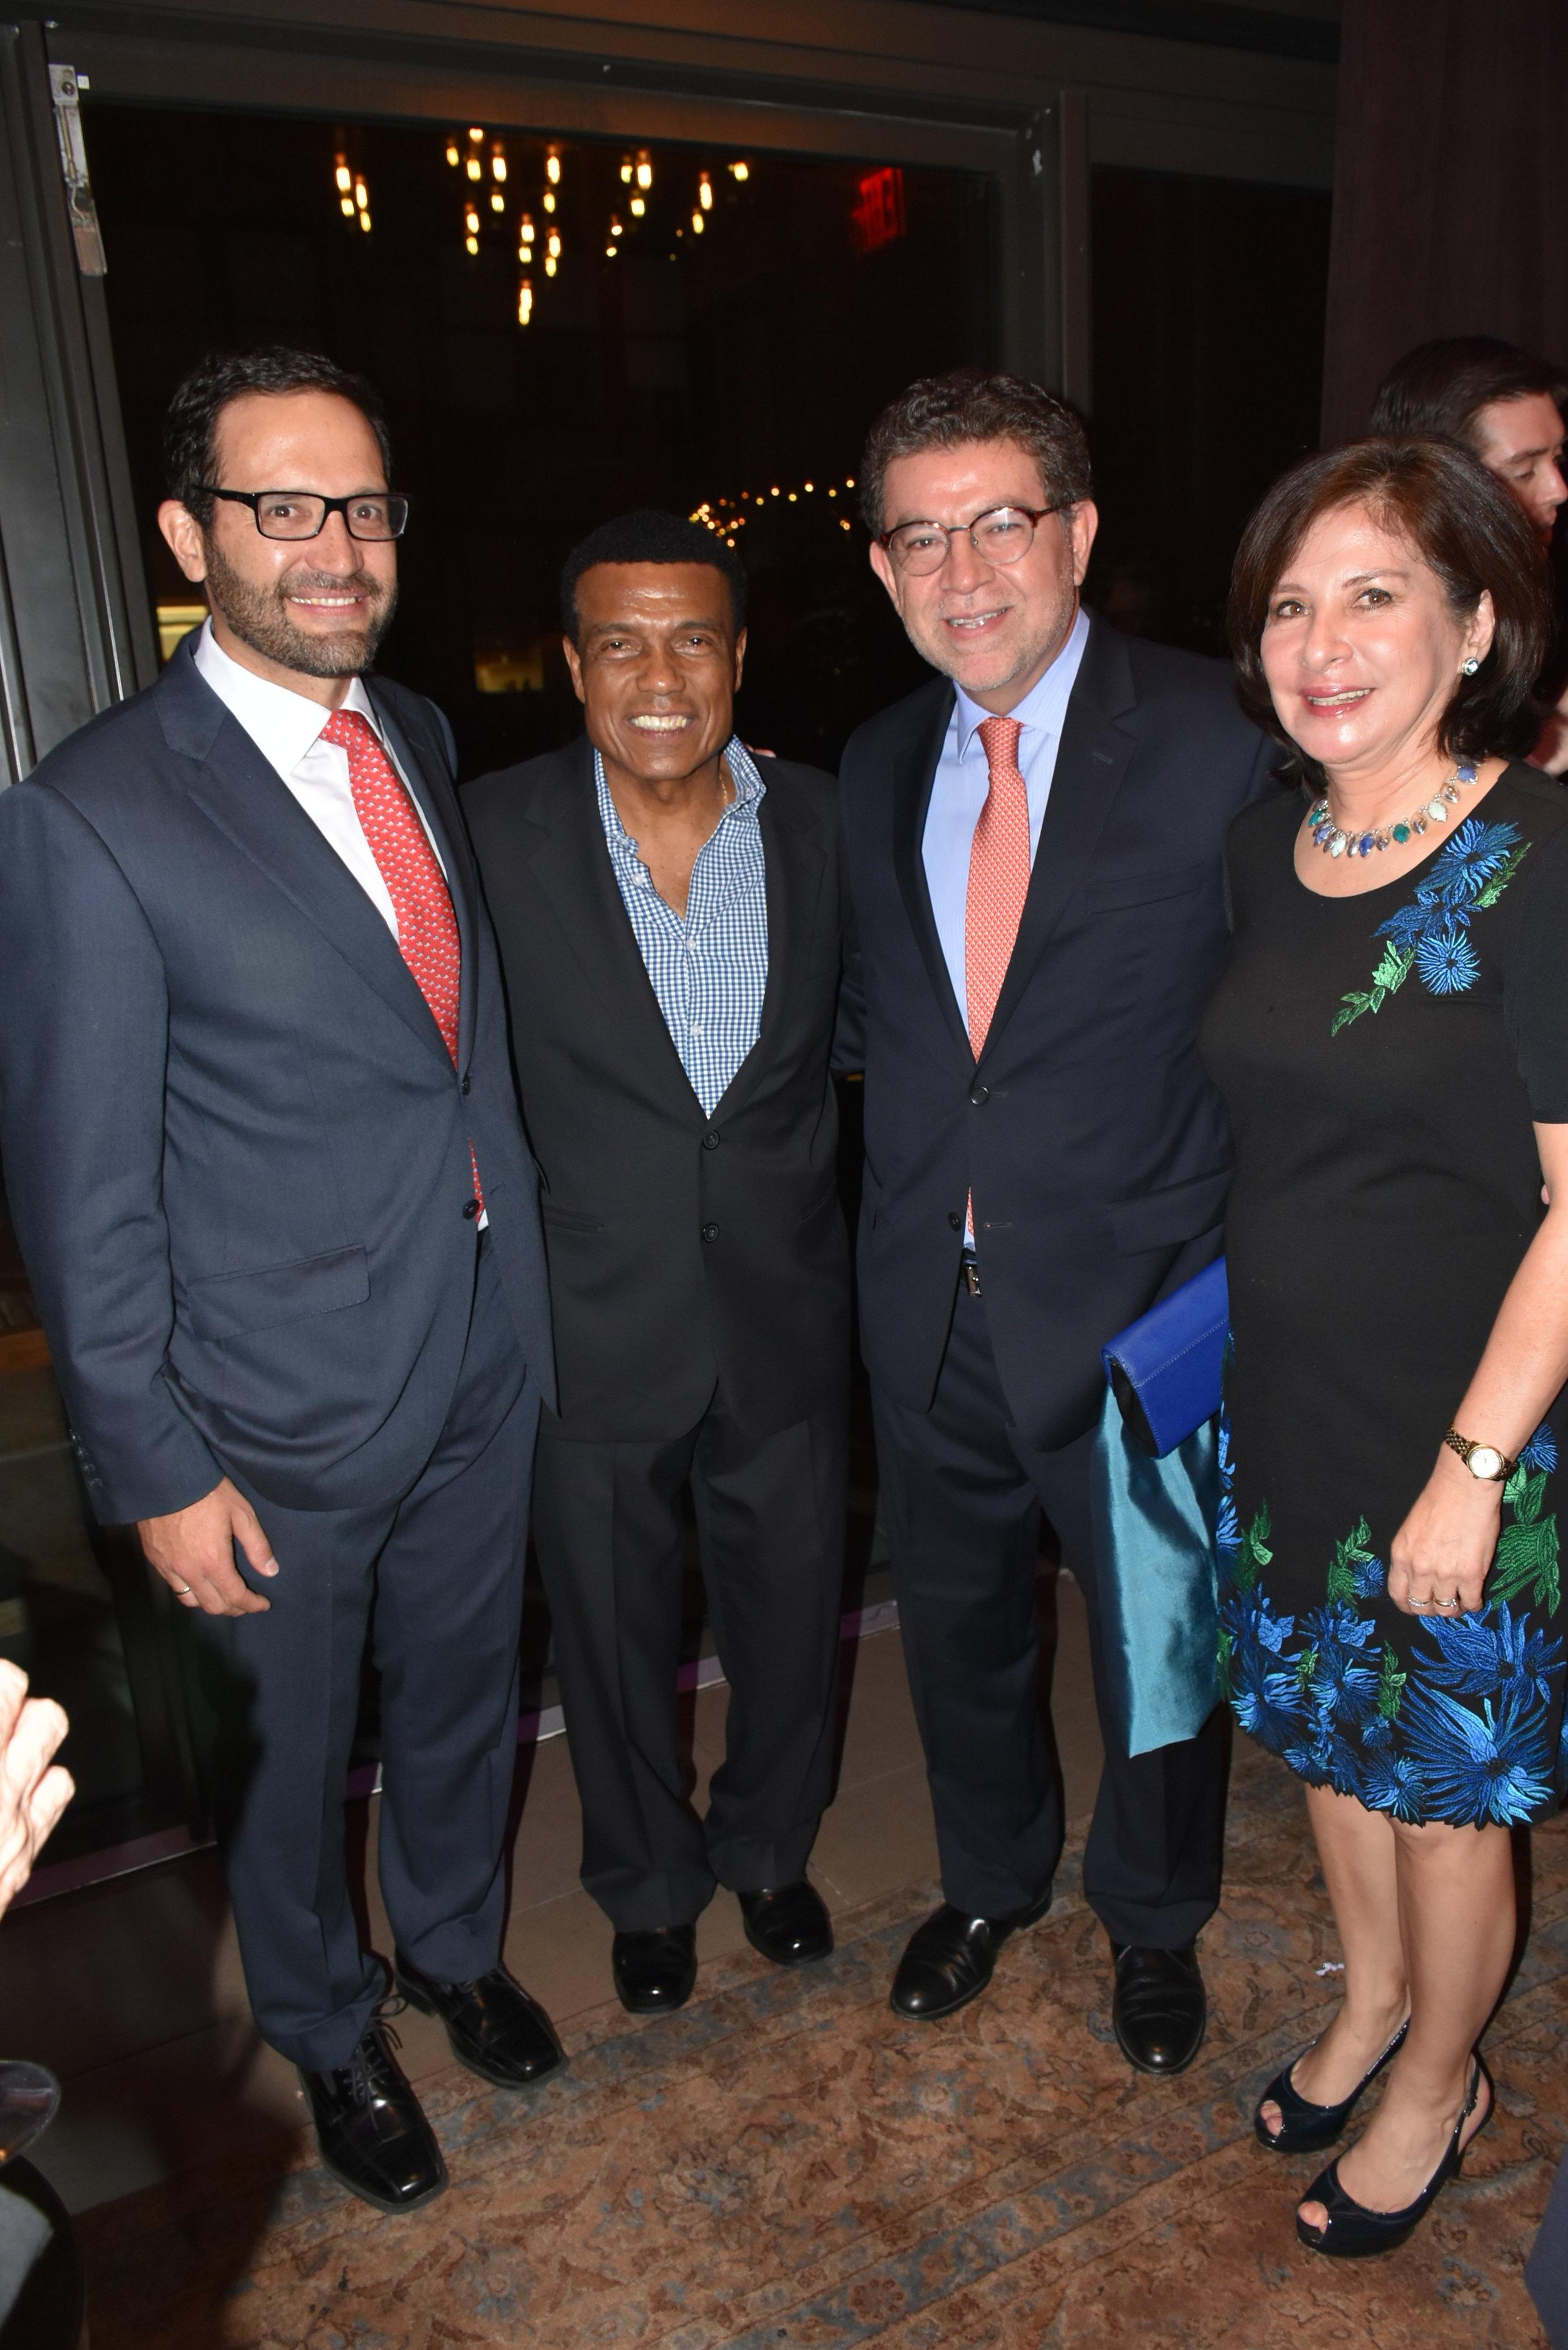 DSC_4817 - Fernando Bravo, Teofilo Cubillas, Gustavo Meza Cuadra (Embajador ante las Naciones Unidas) y Sonia Meza Cuadra.JPG